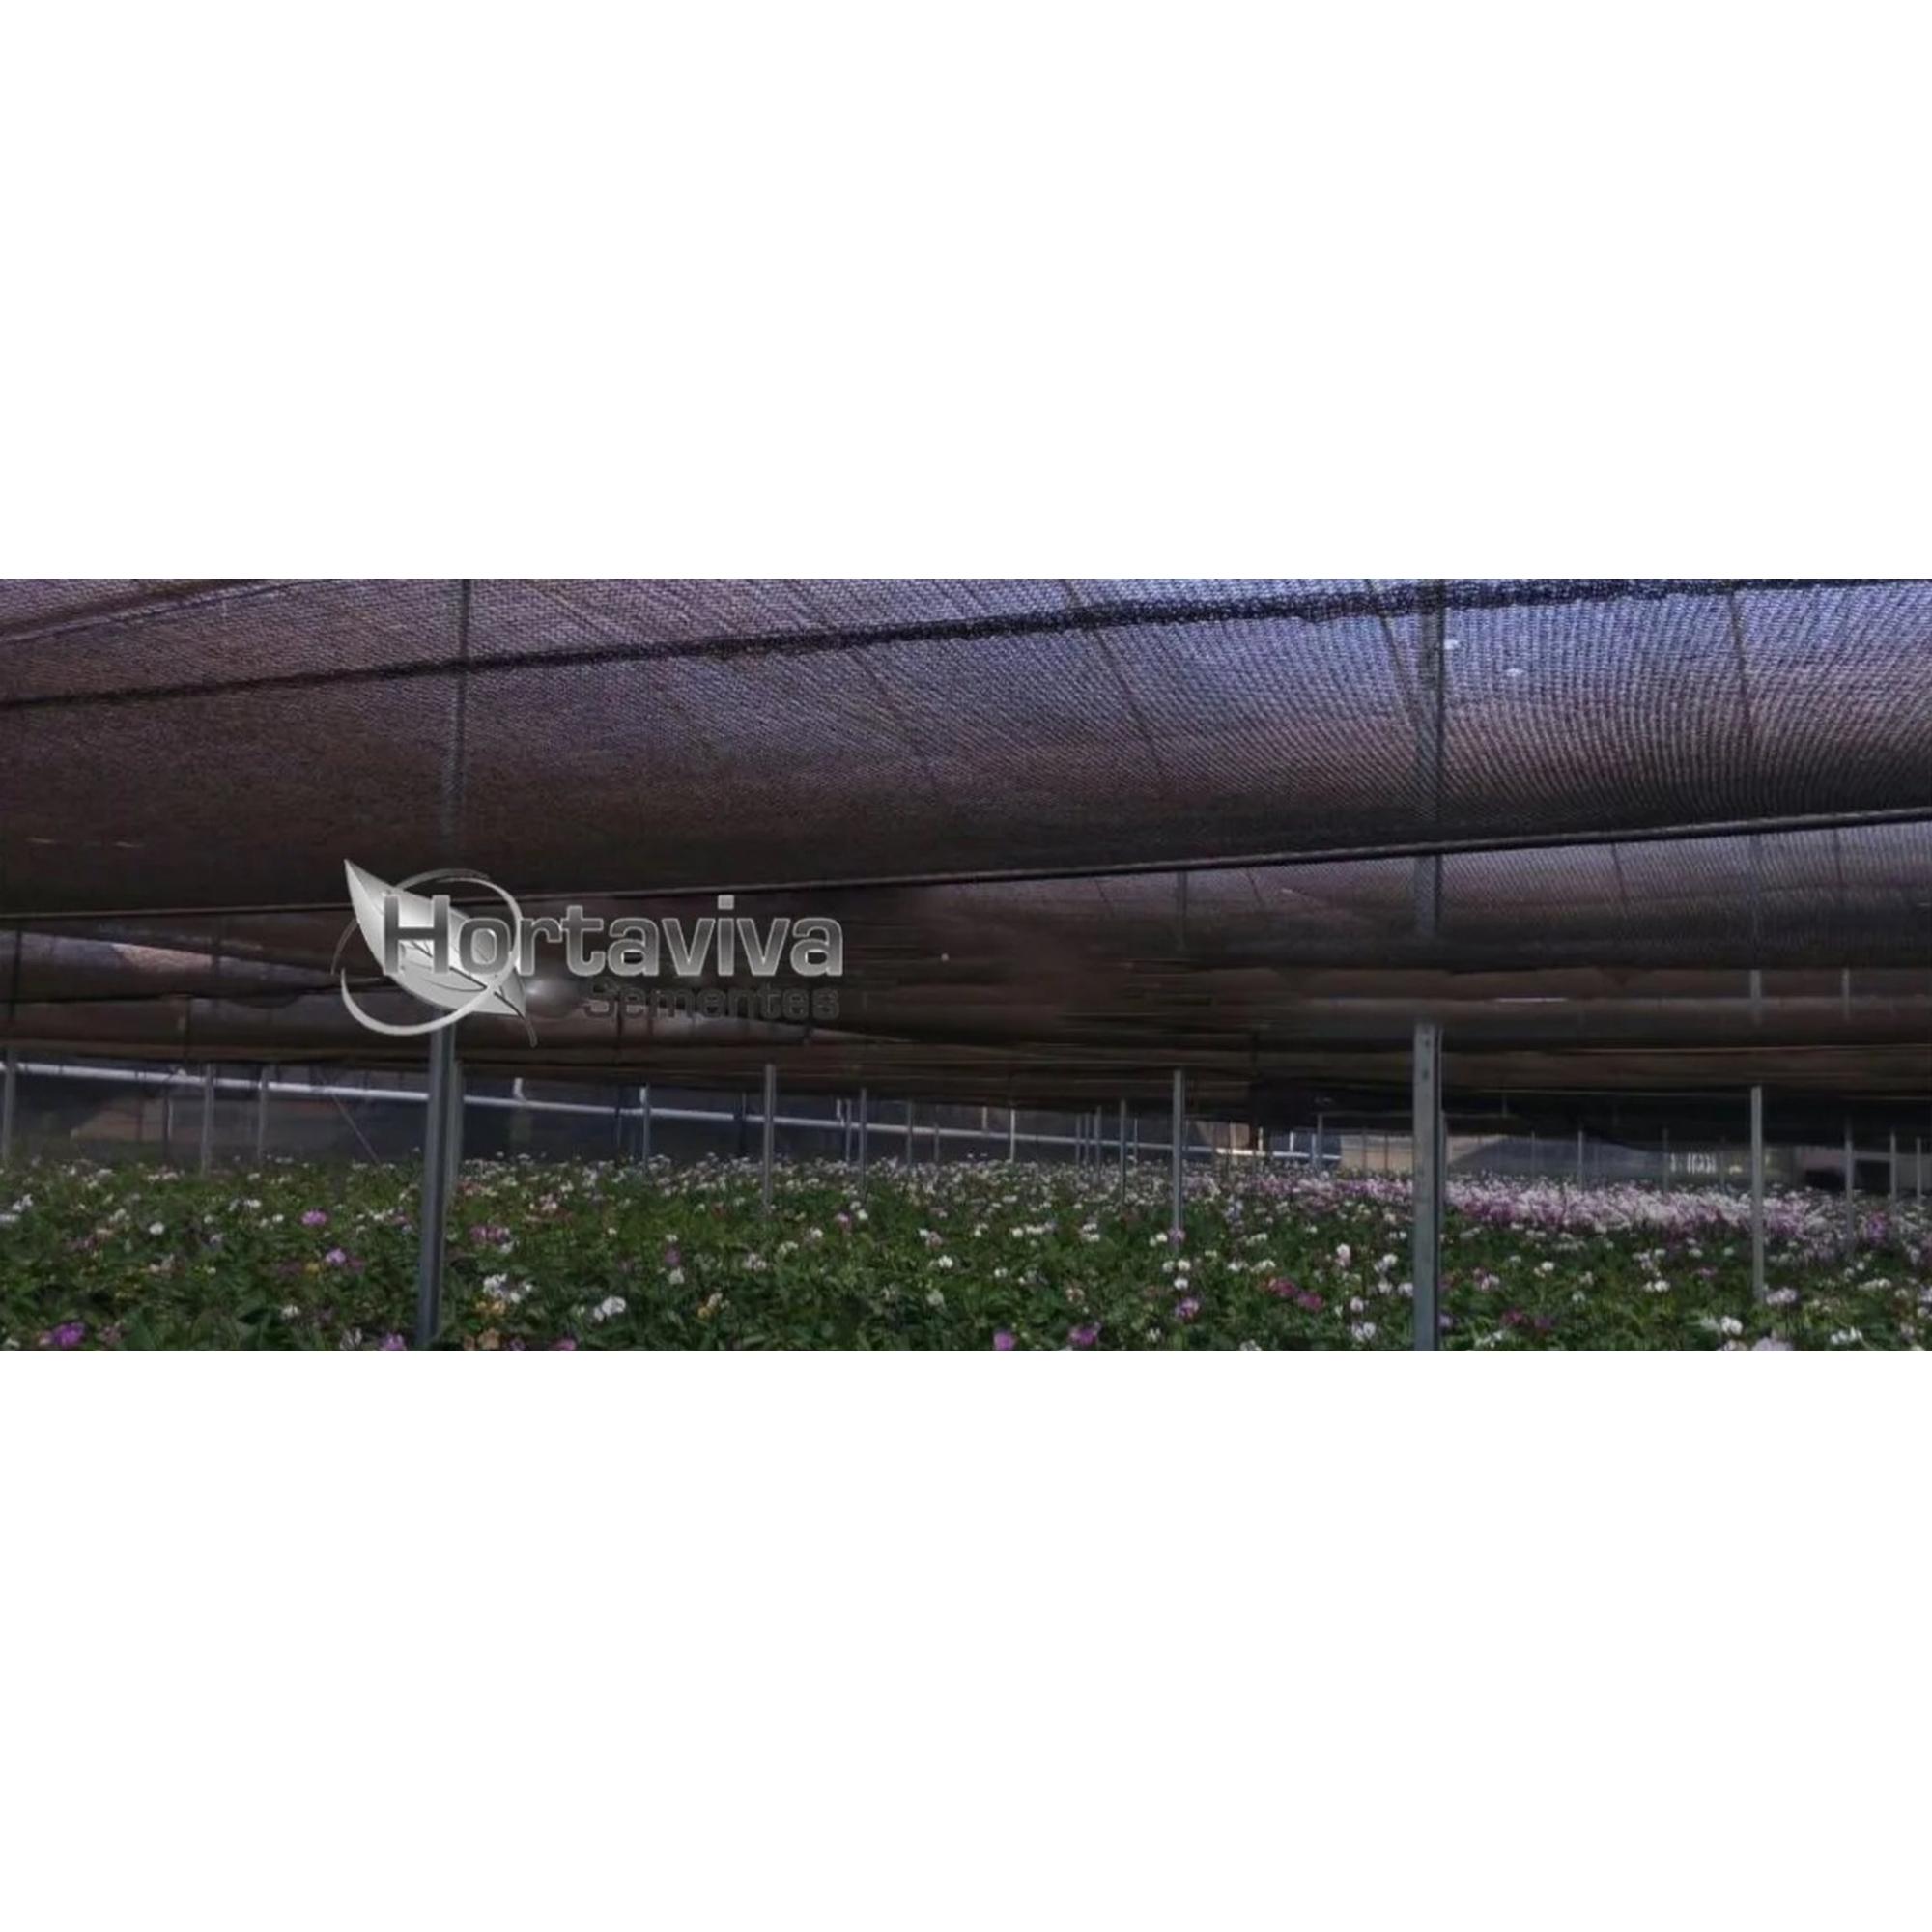 Tela de Sombreamento Preta 50% - 8 Metros x 100 Metros